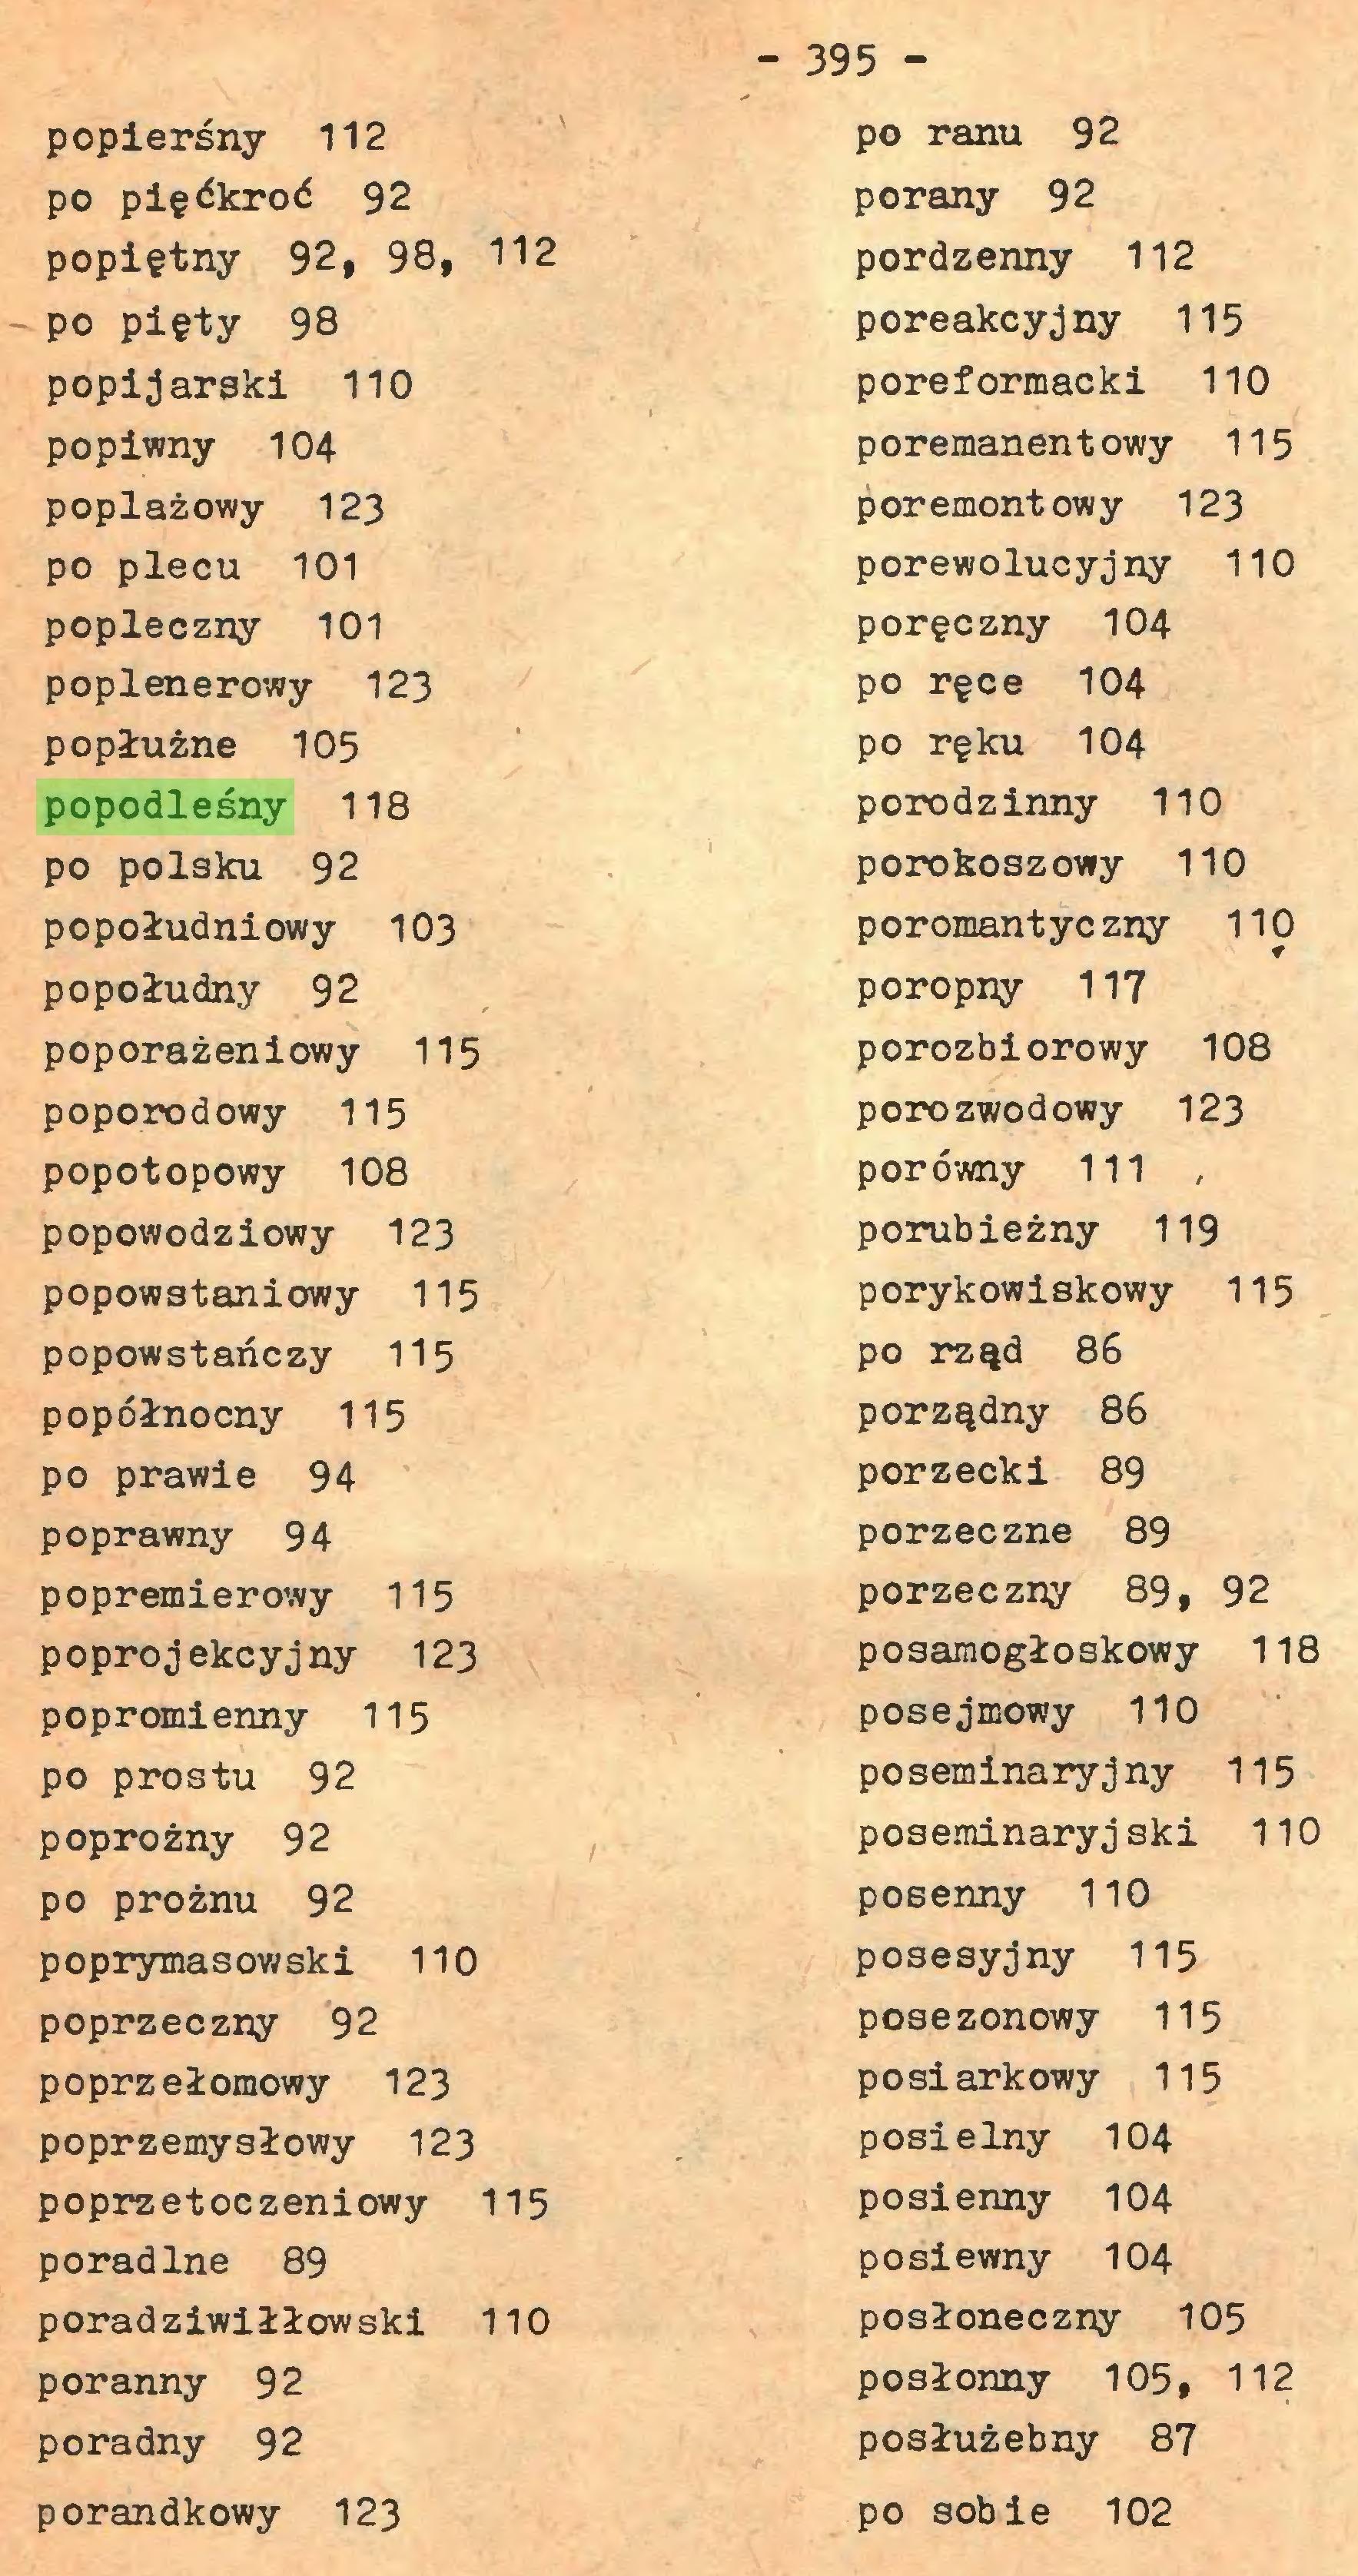 (...) - 395 popierśny 112 po pięćkroć 92 popiętny 92, 98, 112 po pięty 98 popijarski 110 popiwny 104 poplażowy 123 po piecu 101 popleczny 101 poplenerowy 123 popłużne 105 popodleśny 118 po polaku 92 popołudniowy 103 popołudny 92 poporażeniowy 115 poporodowy 115 popotopowy 108 popowodziowy 123 popowstaniowy 115 popowstańczy 115 popółnocny 115 po prawie 94 poprawny 94 popremierowy 115 poprojekcyjny 123 popromienny 115 po prostu 92 poprożny 92 po prożnu 92 poprymasowski 110 poprzeczny 92 poprzełomowy 123 poprzemysłowy 123 poprzetoczeniowy 115 poradlne 89 poradziwiłłowski 110 poranny 92 poradny 92 porandkowy 123 po ranu 92 porany 92 pordzenny 112 poreakcyjny 115 poreformacki 110 poremanentowy 115 poremontowy 123 porewolucyj ny 110 poręczny 104 po ręce 104 po ręku 104 porodźinny 110 porokoszowy 110 poromantyczny 110 poropny 117 porozbiorowy 108 porozwodowy 123 porówny 111 , porubieżny 119 porykowiskowy 115 po rząd 86 porządny 86 porzecki 89 porzeczne 89 porzeczny 89, 92 posamogłoskowy 118 posejmowy 110 poseminaryjny 115 poseminaryjski 110 posenny 110 posesyjny 115 posezonowy 115 posiarkowy 115 posielny 104 posienny 104 posiewny 104 posłoneczny 105 posłonny 105, 112 posłużebny 87 po sobie 102...